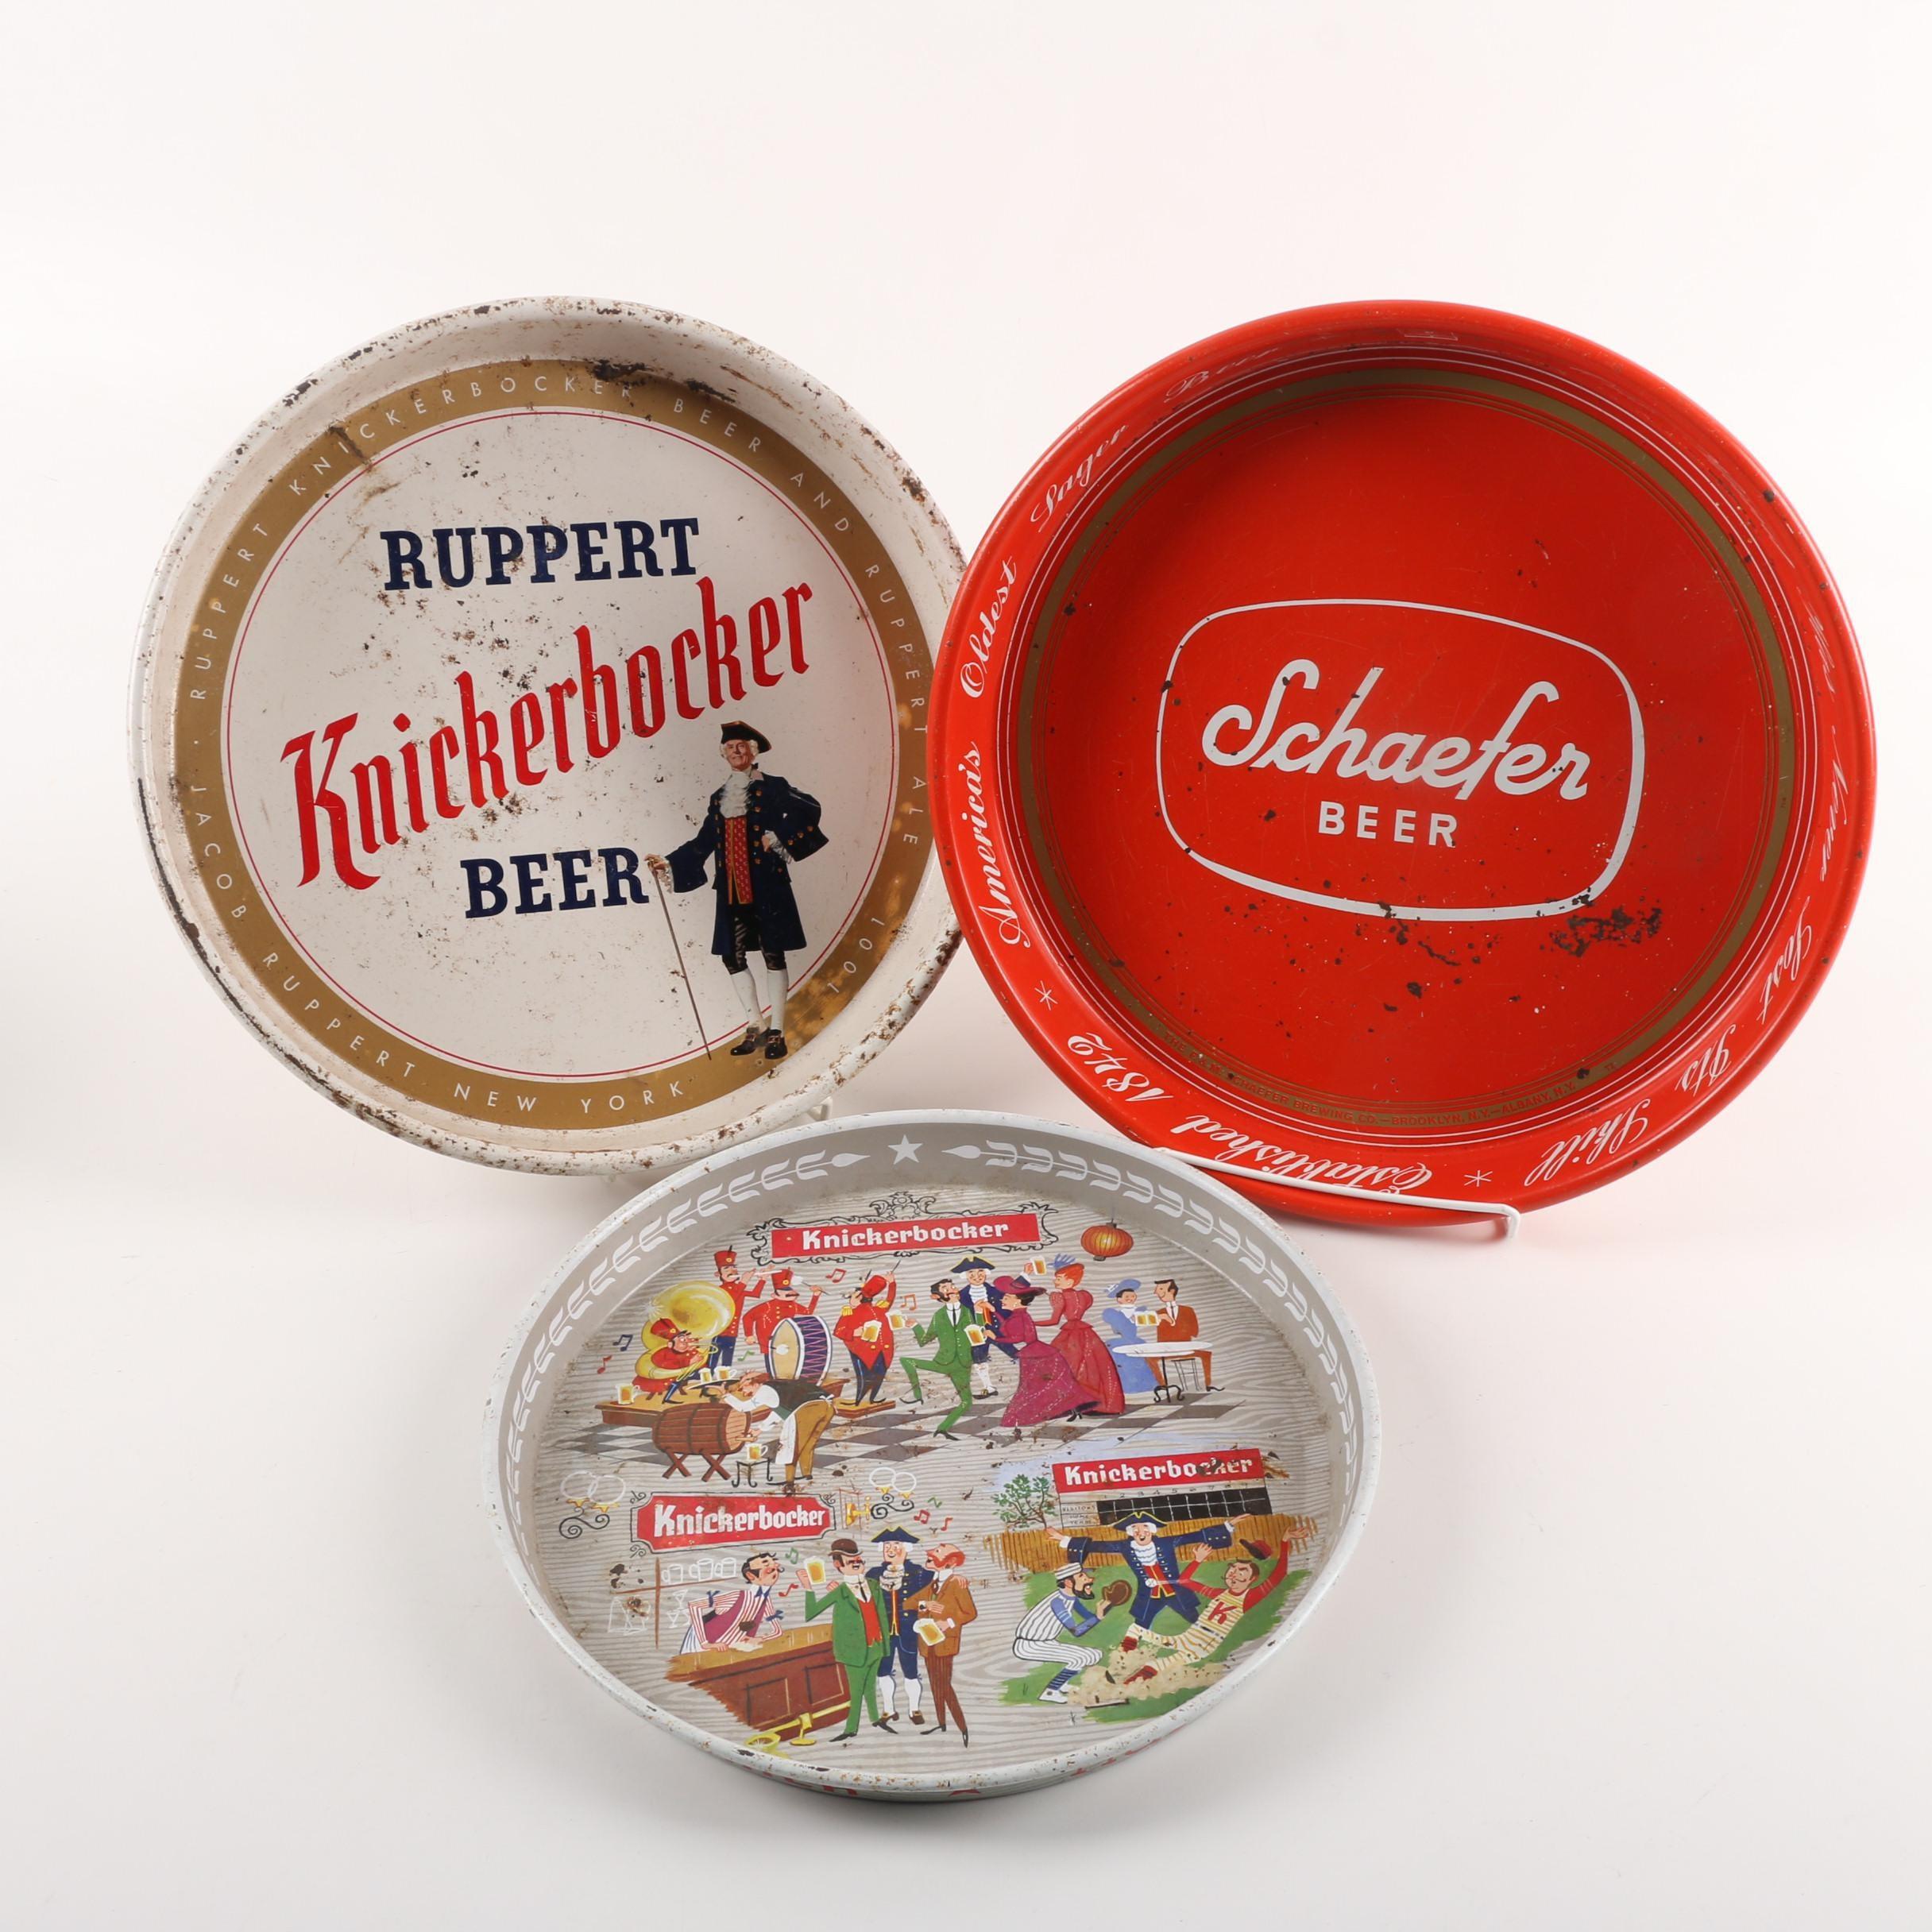 Vintage Knickerbocker and Schaefer Beer Metal Advertising Trays